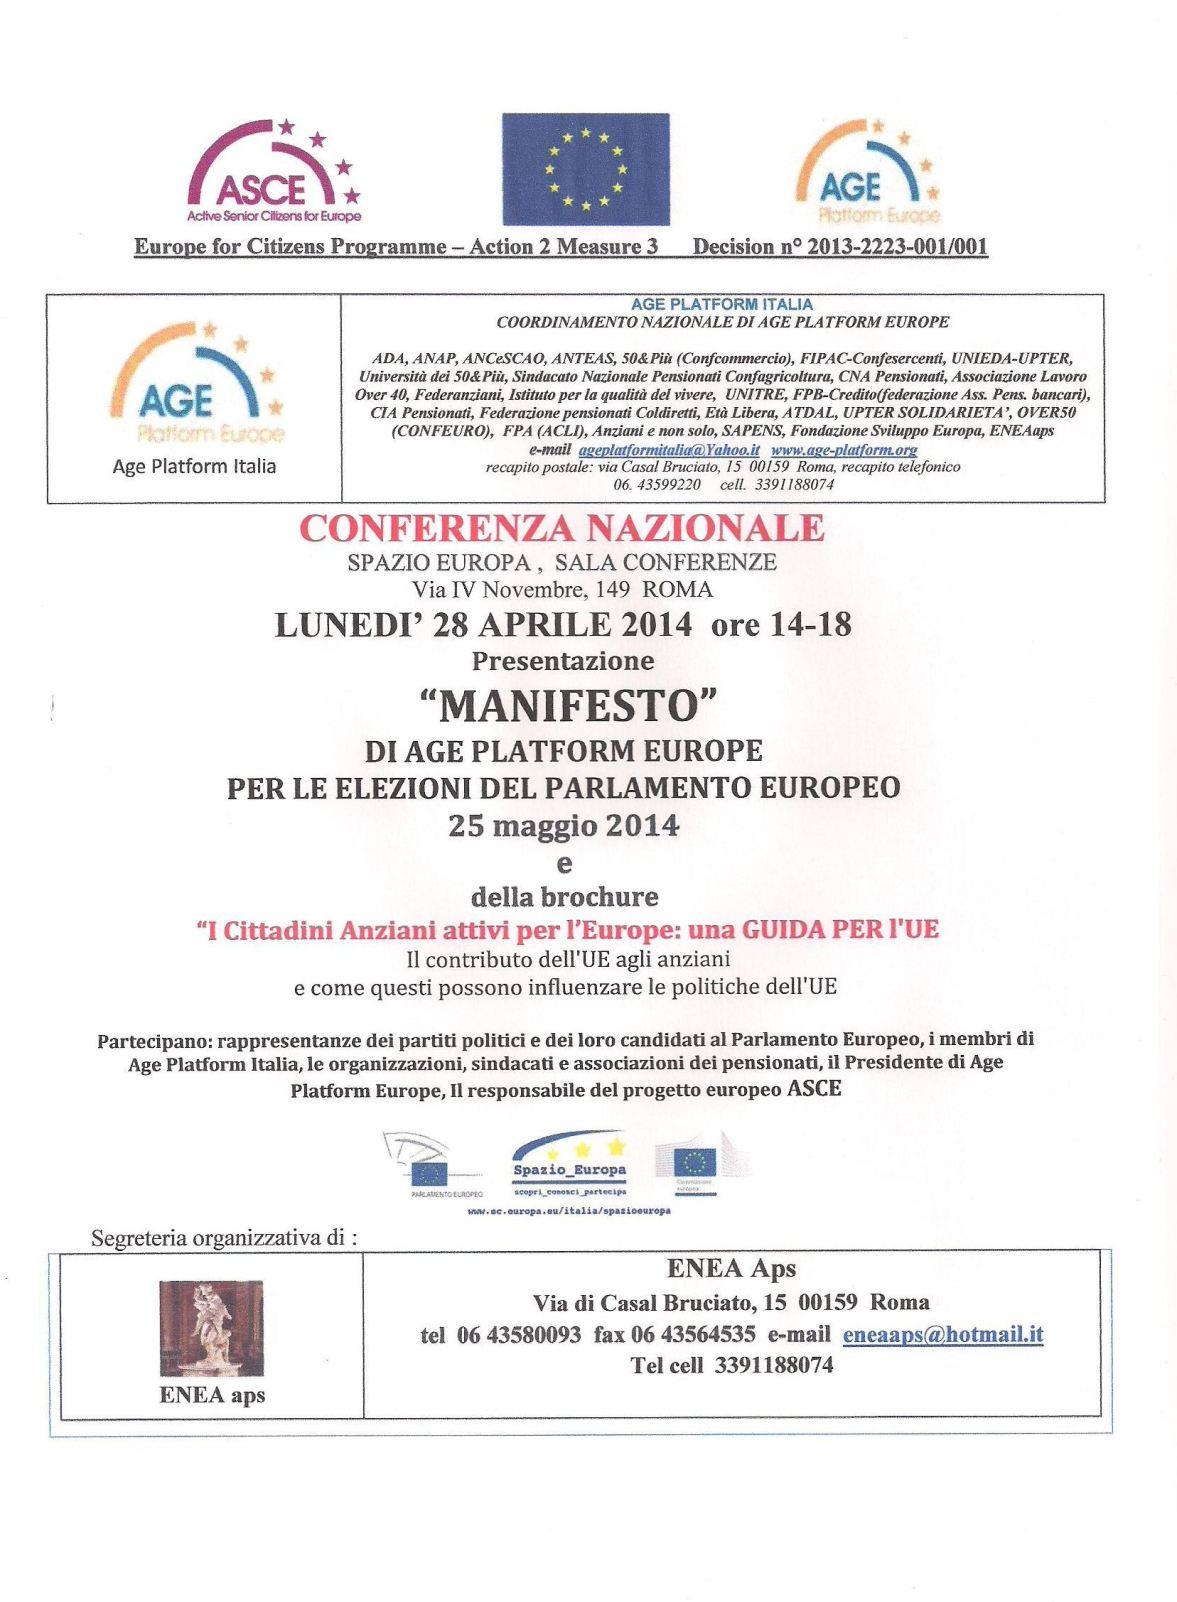 locandina 28 aprile 2014